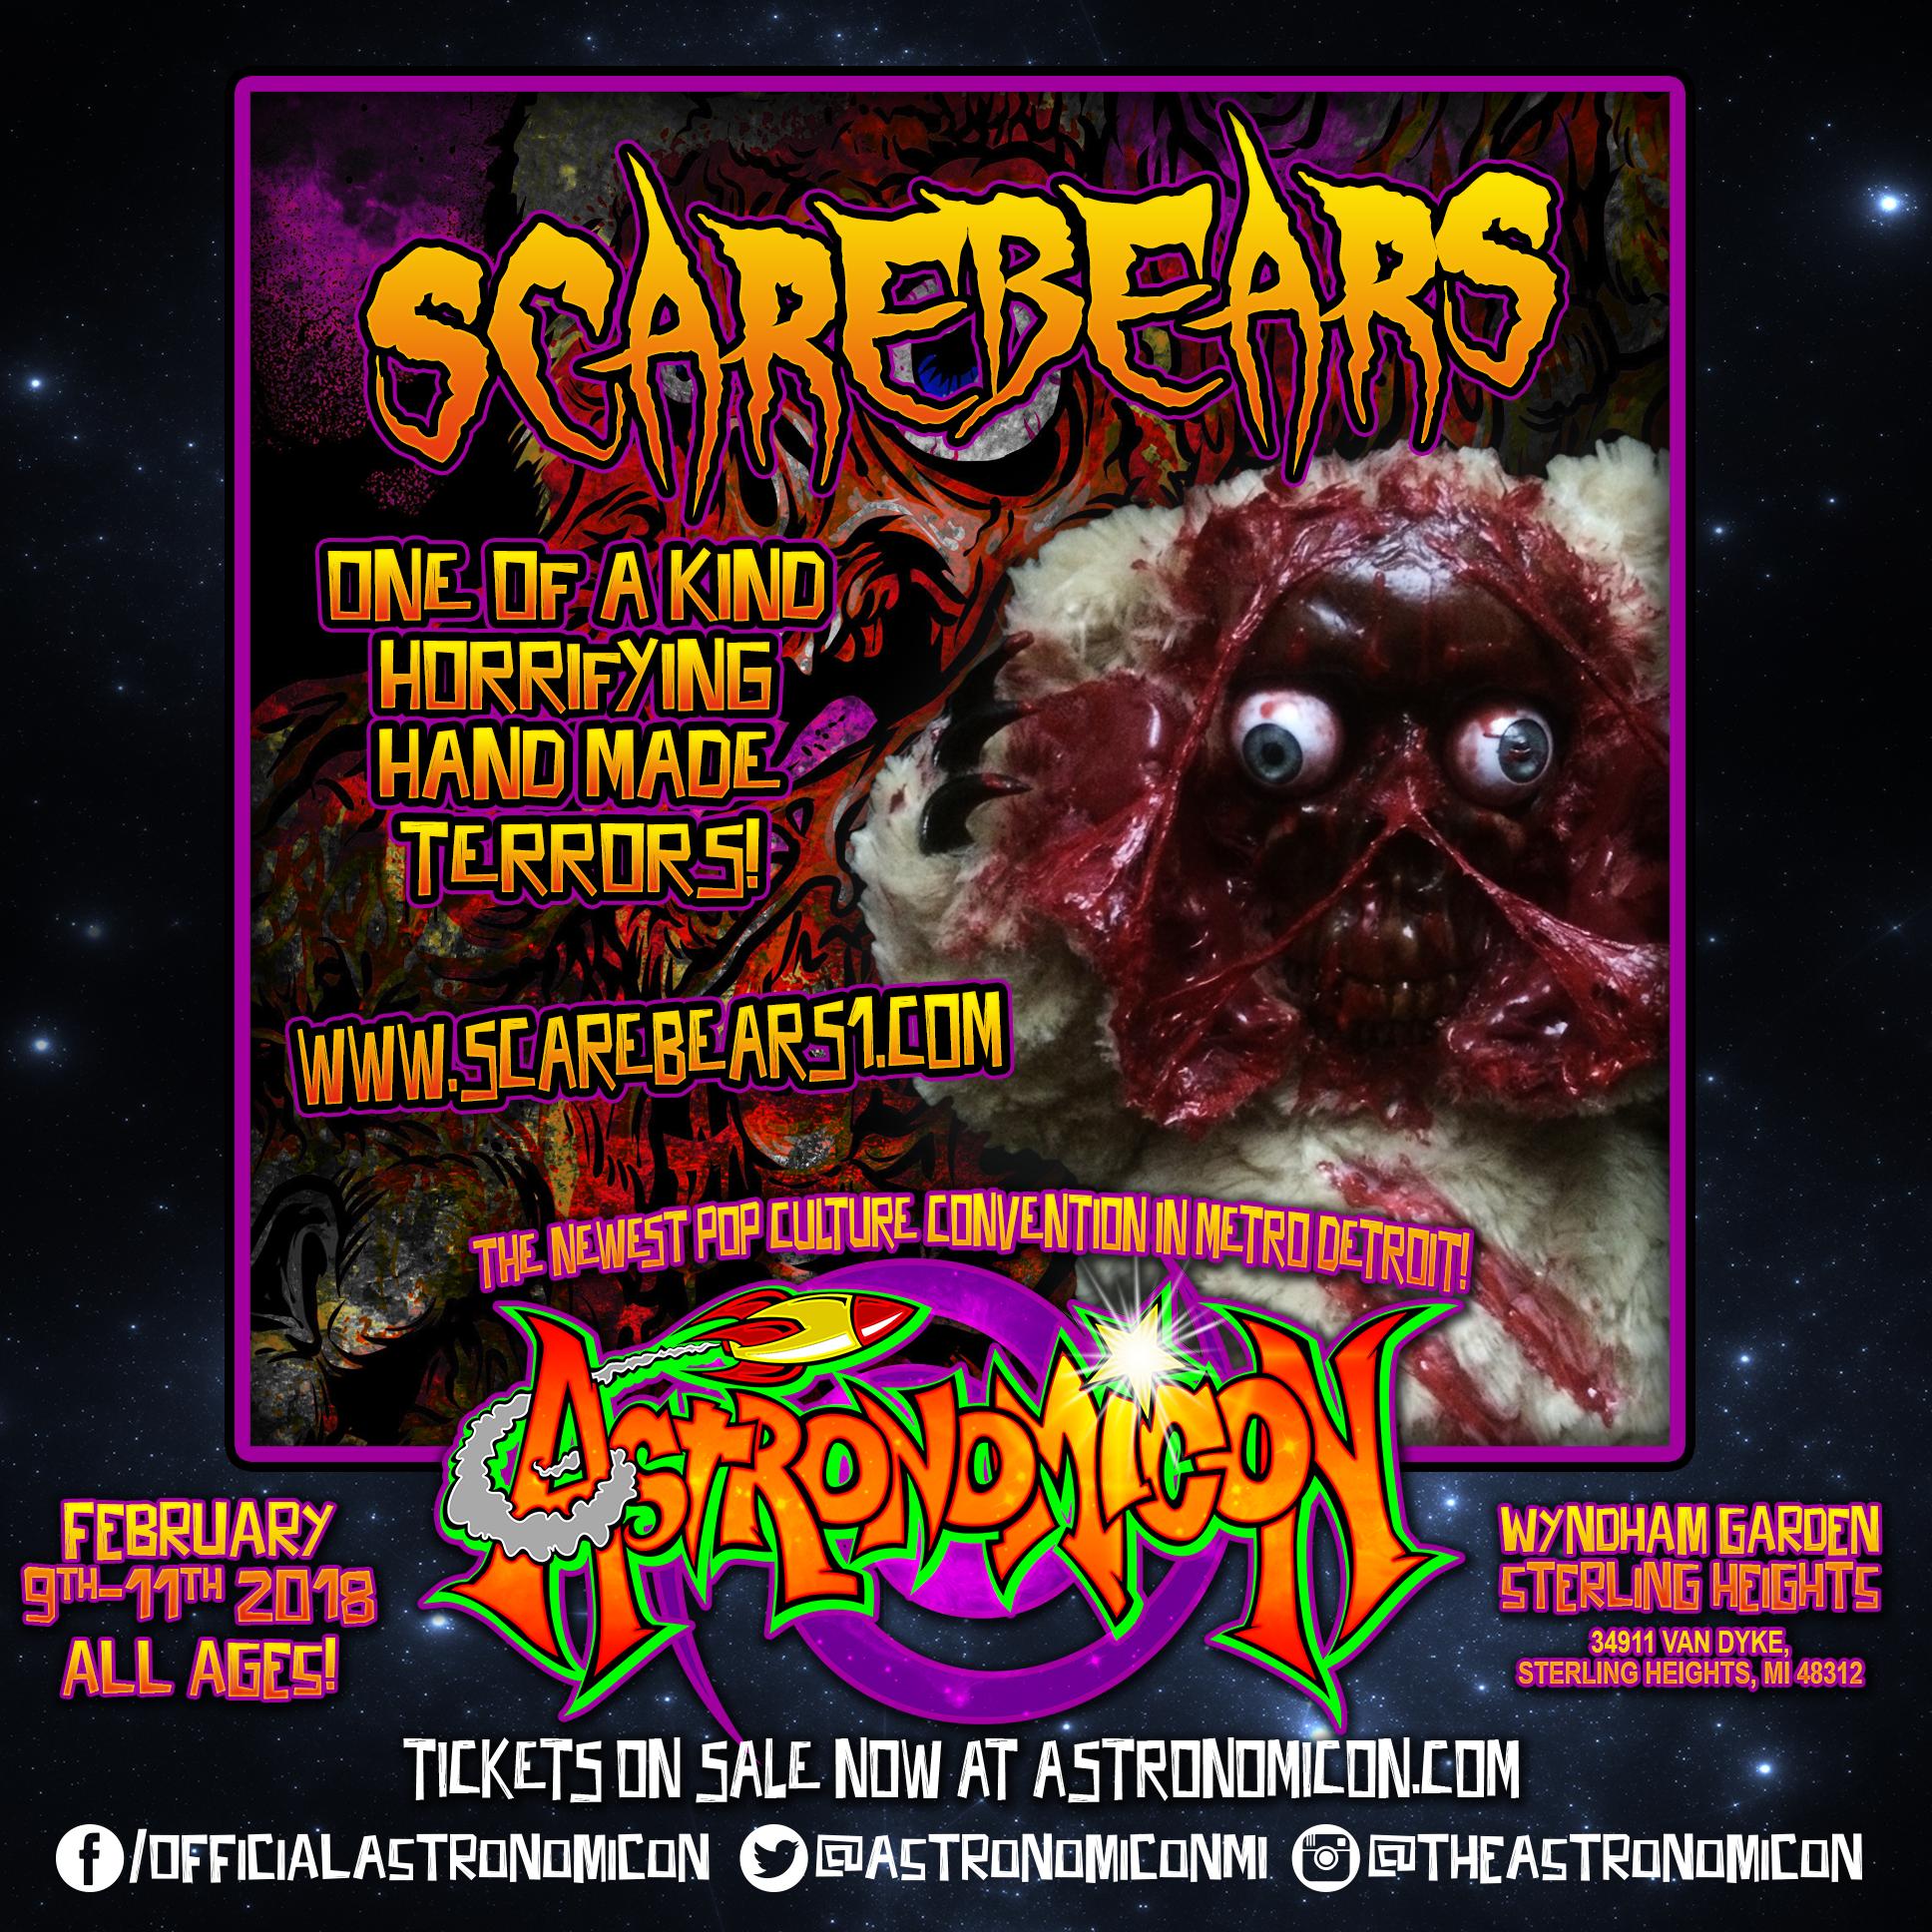 Scare Bears -  https://www.scarebears1.com/